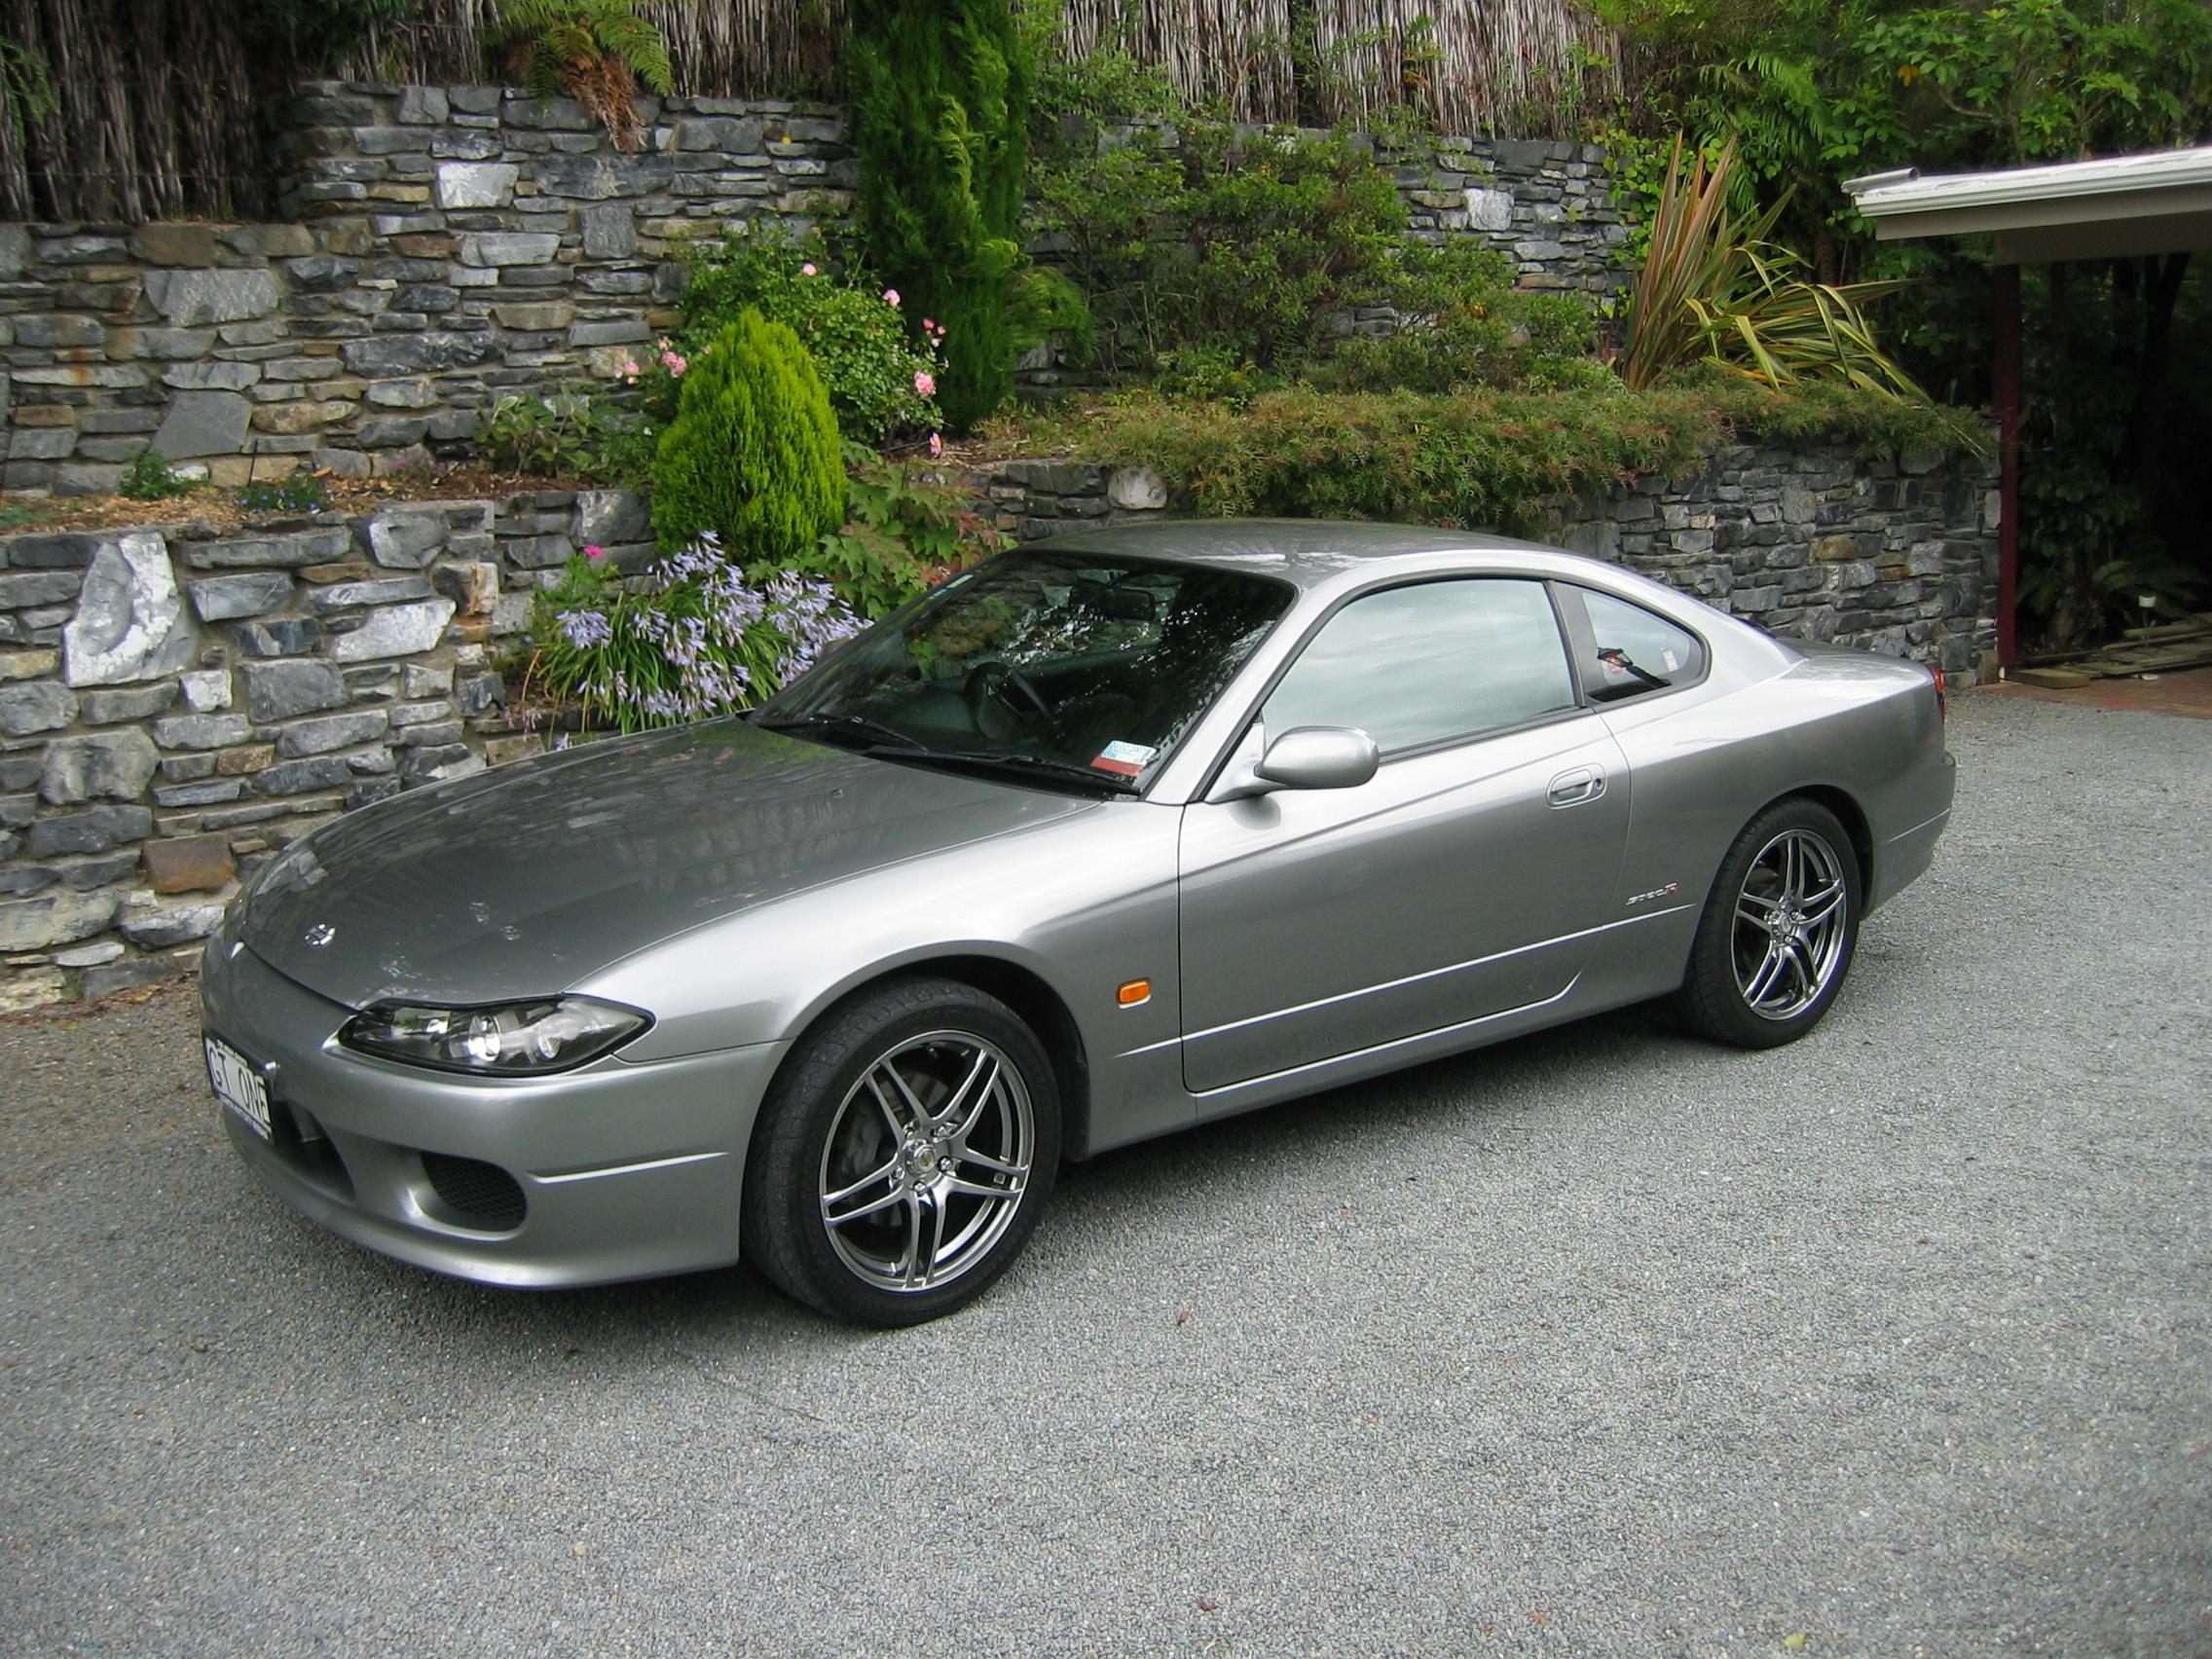 Best Cheap Drift Car Uk